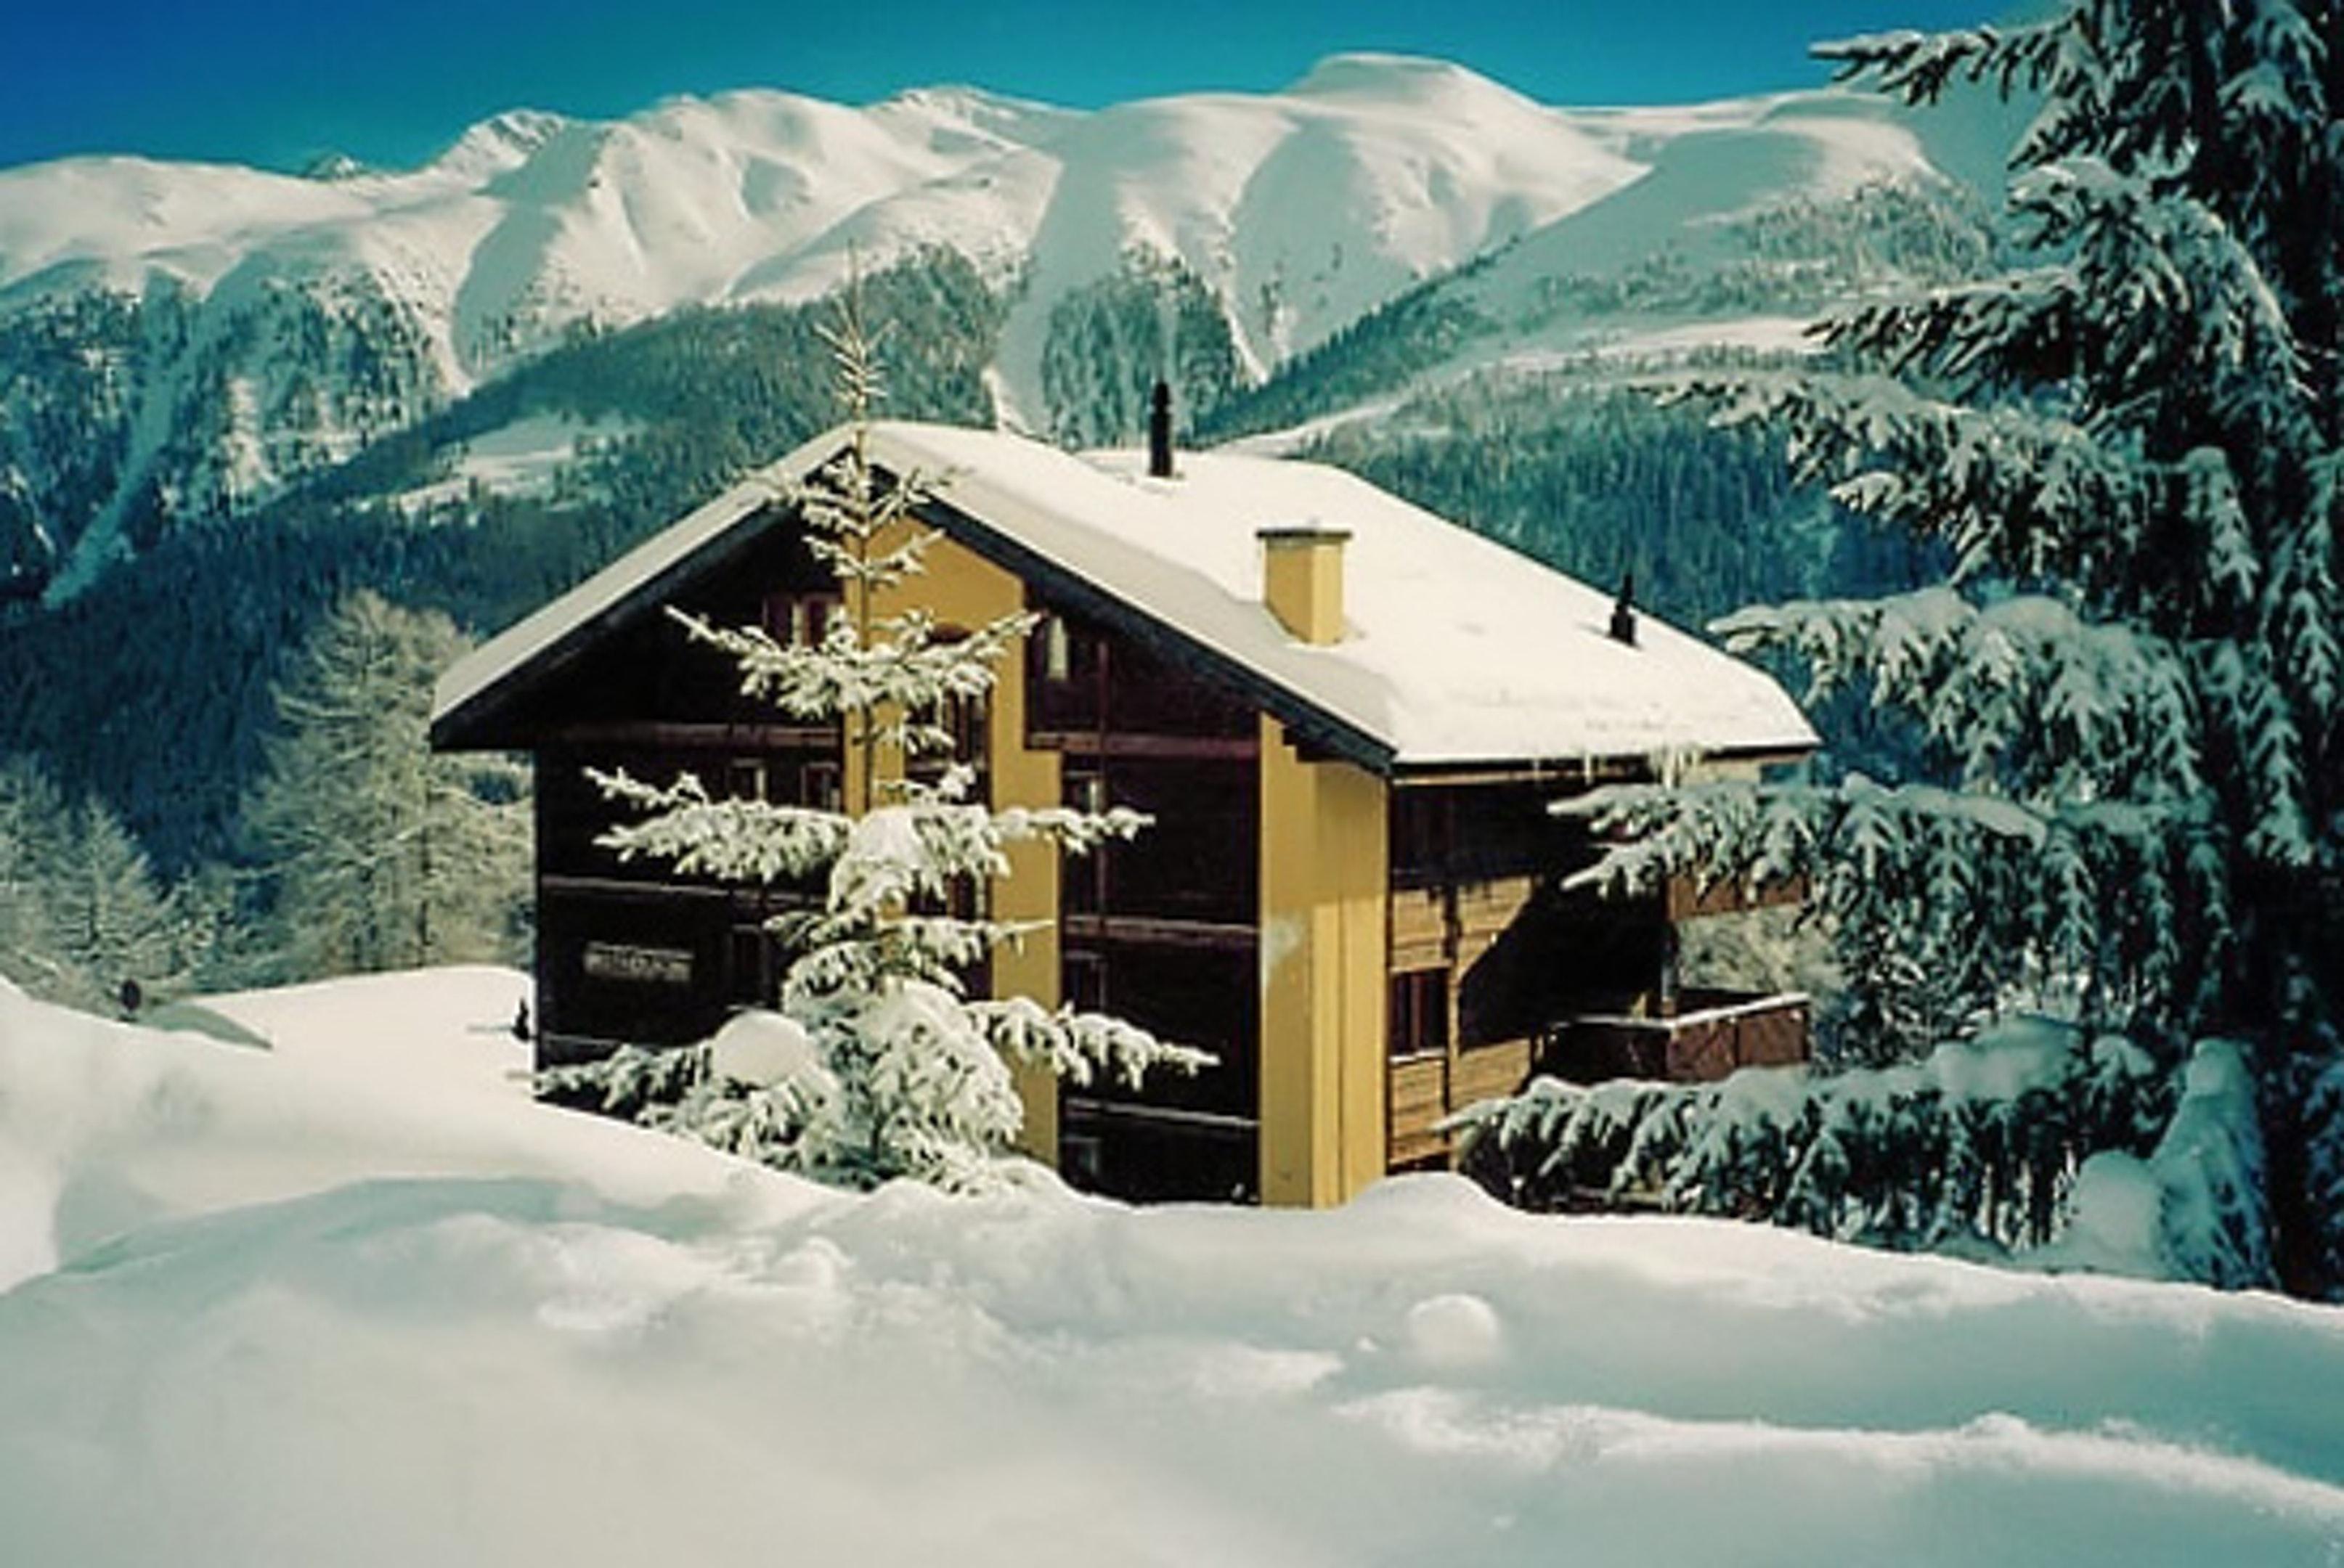 Ferienwohnung Wohnung mit 2 Schlafzimmern in Bellwald mit toller Aussicht auf die Berge, Balkon und W-LA (2201042), Bellwald, Aletsch - Goms, Wallis, Schweiz, Bild 23